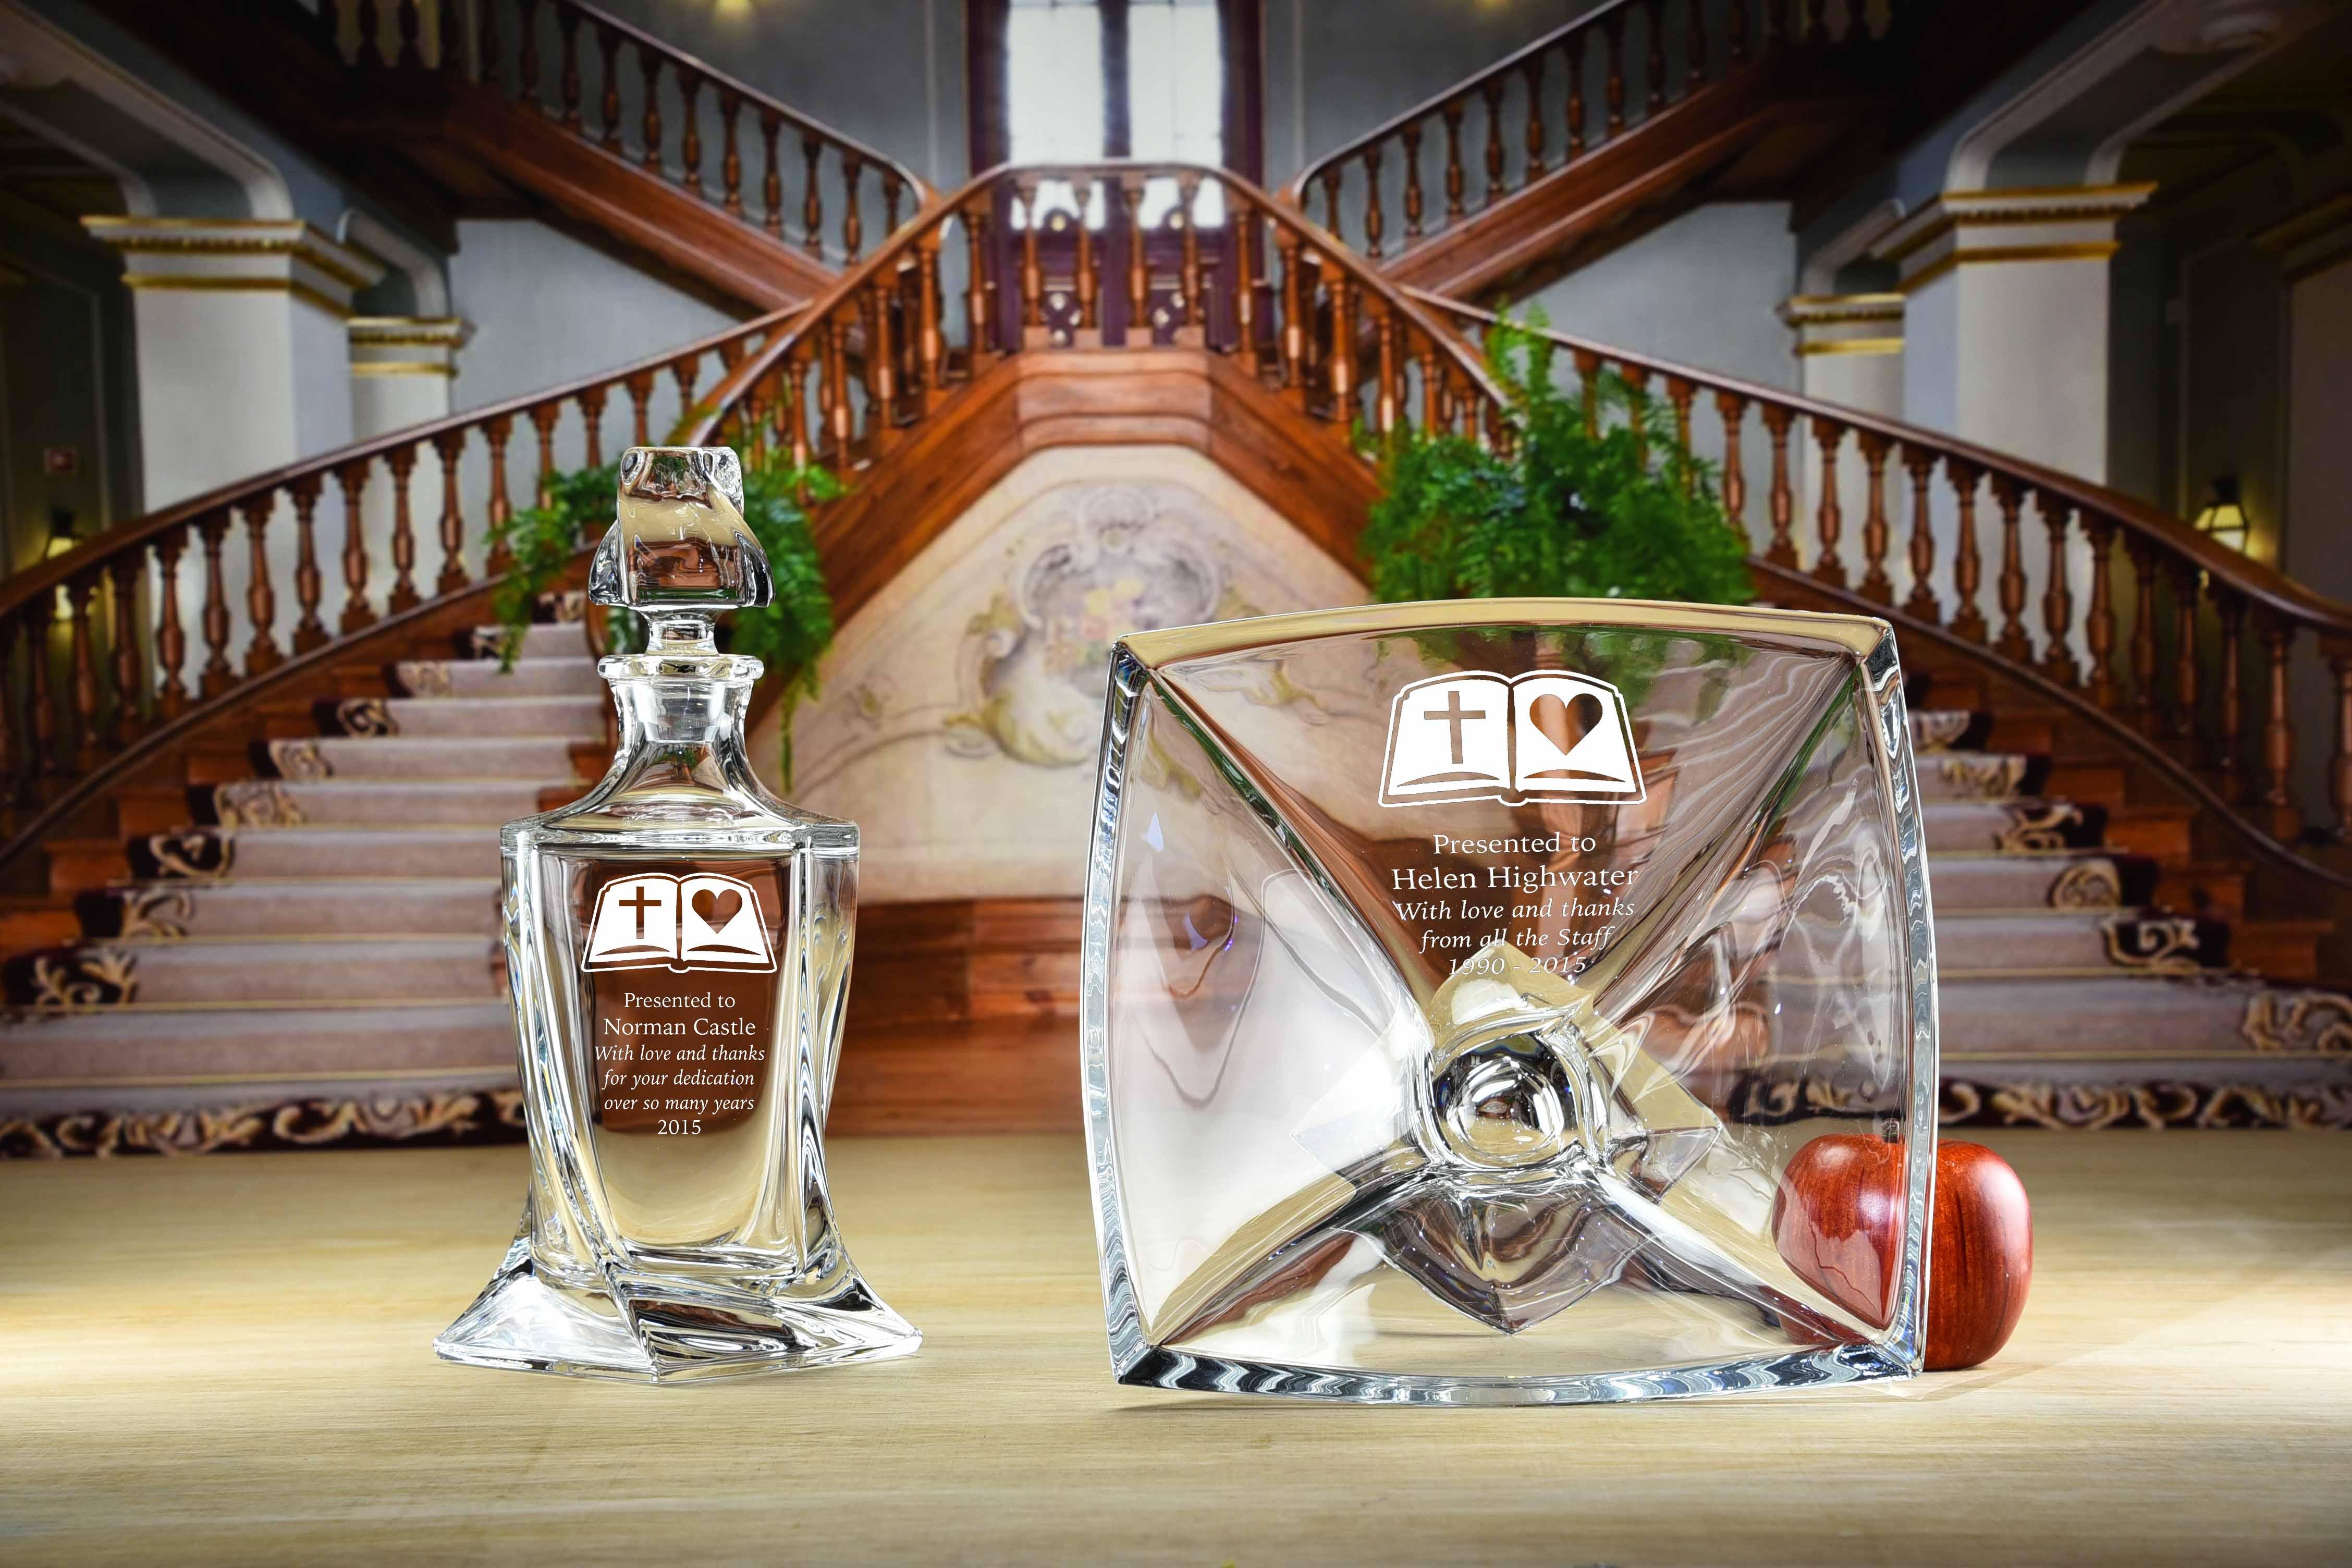 Engraved crystal barley decanter and barley bowl.jpg